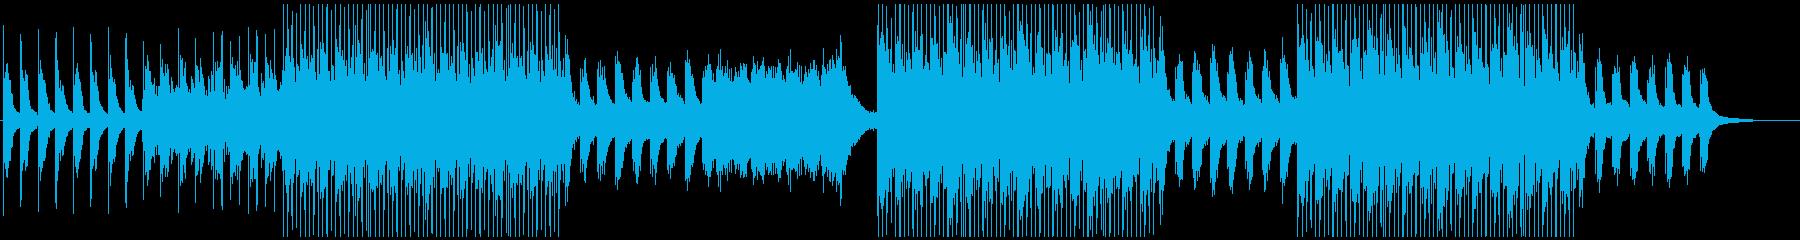 ゆったり-森-里山-自然-空撮-ハウス の再生済みの波形